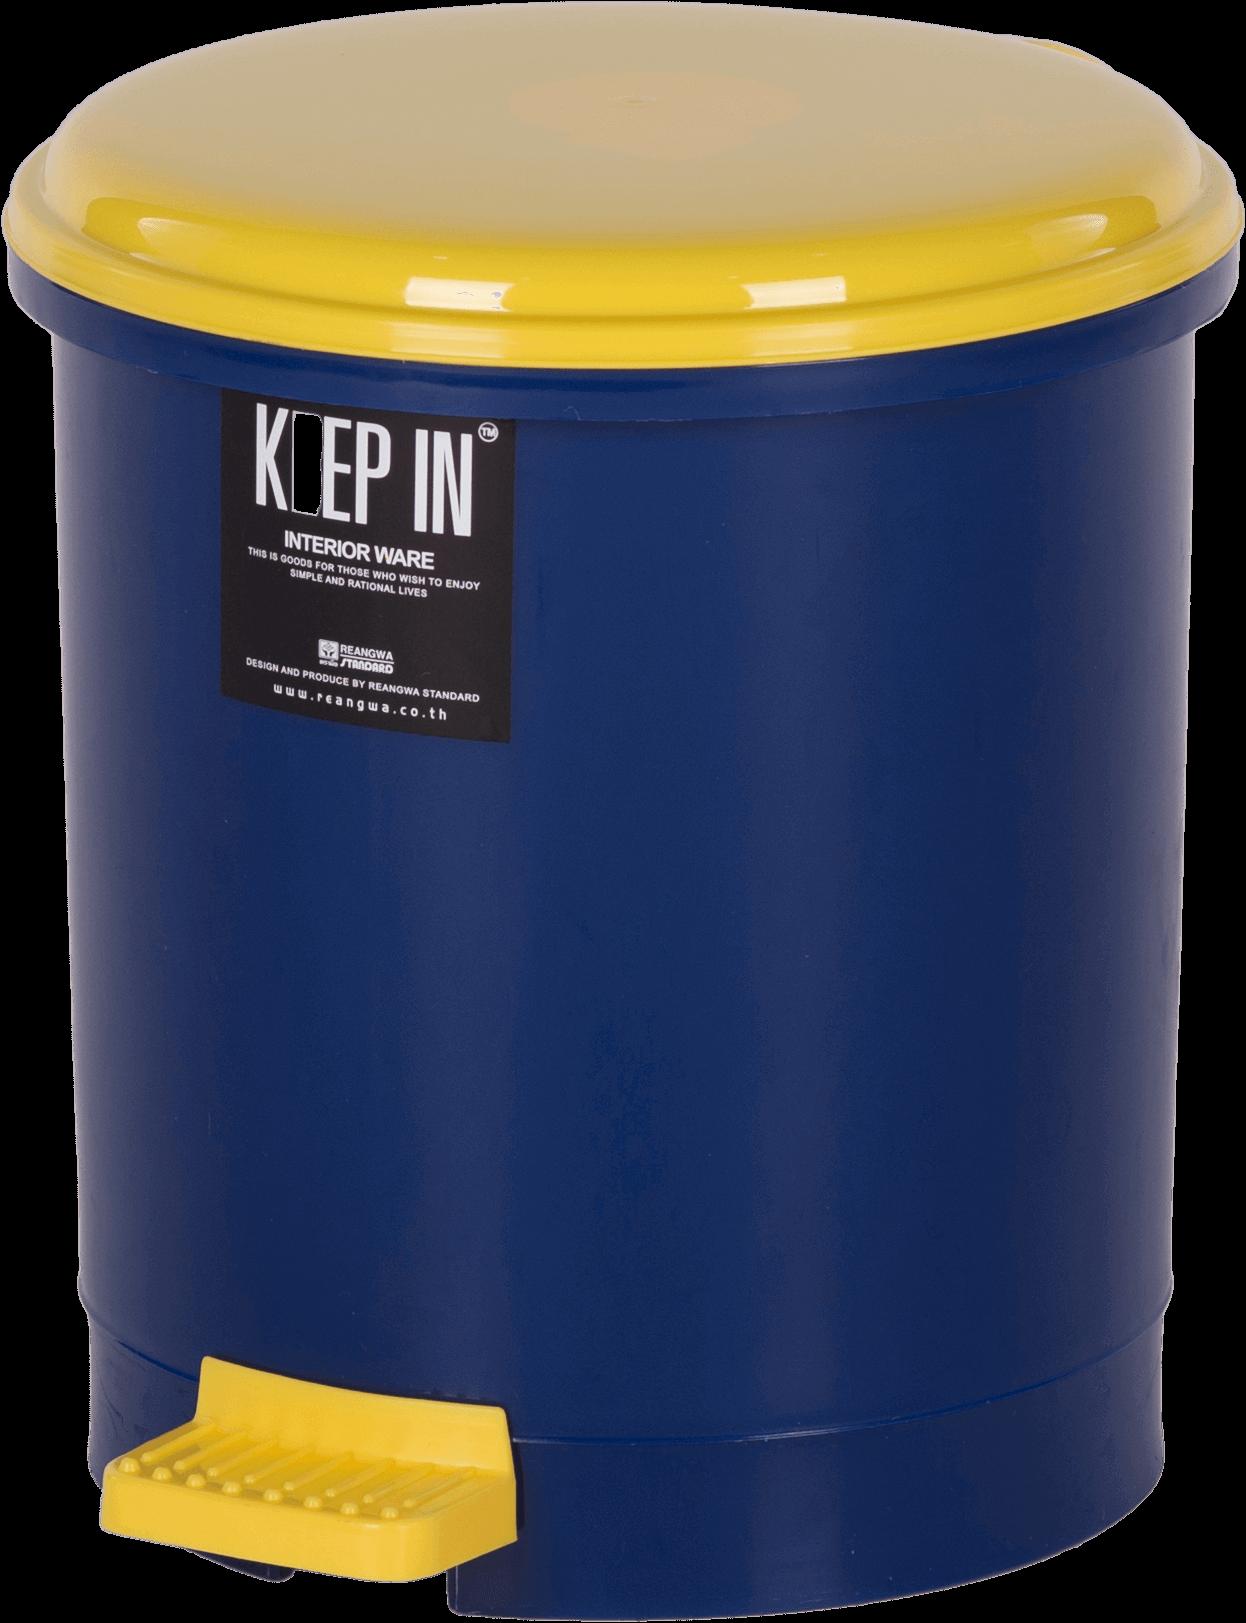 ถังขยะแบบมีฝาปิด สแตนดาร์ด No. RW9084 สีน้ำเงิน